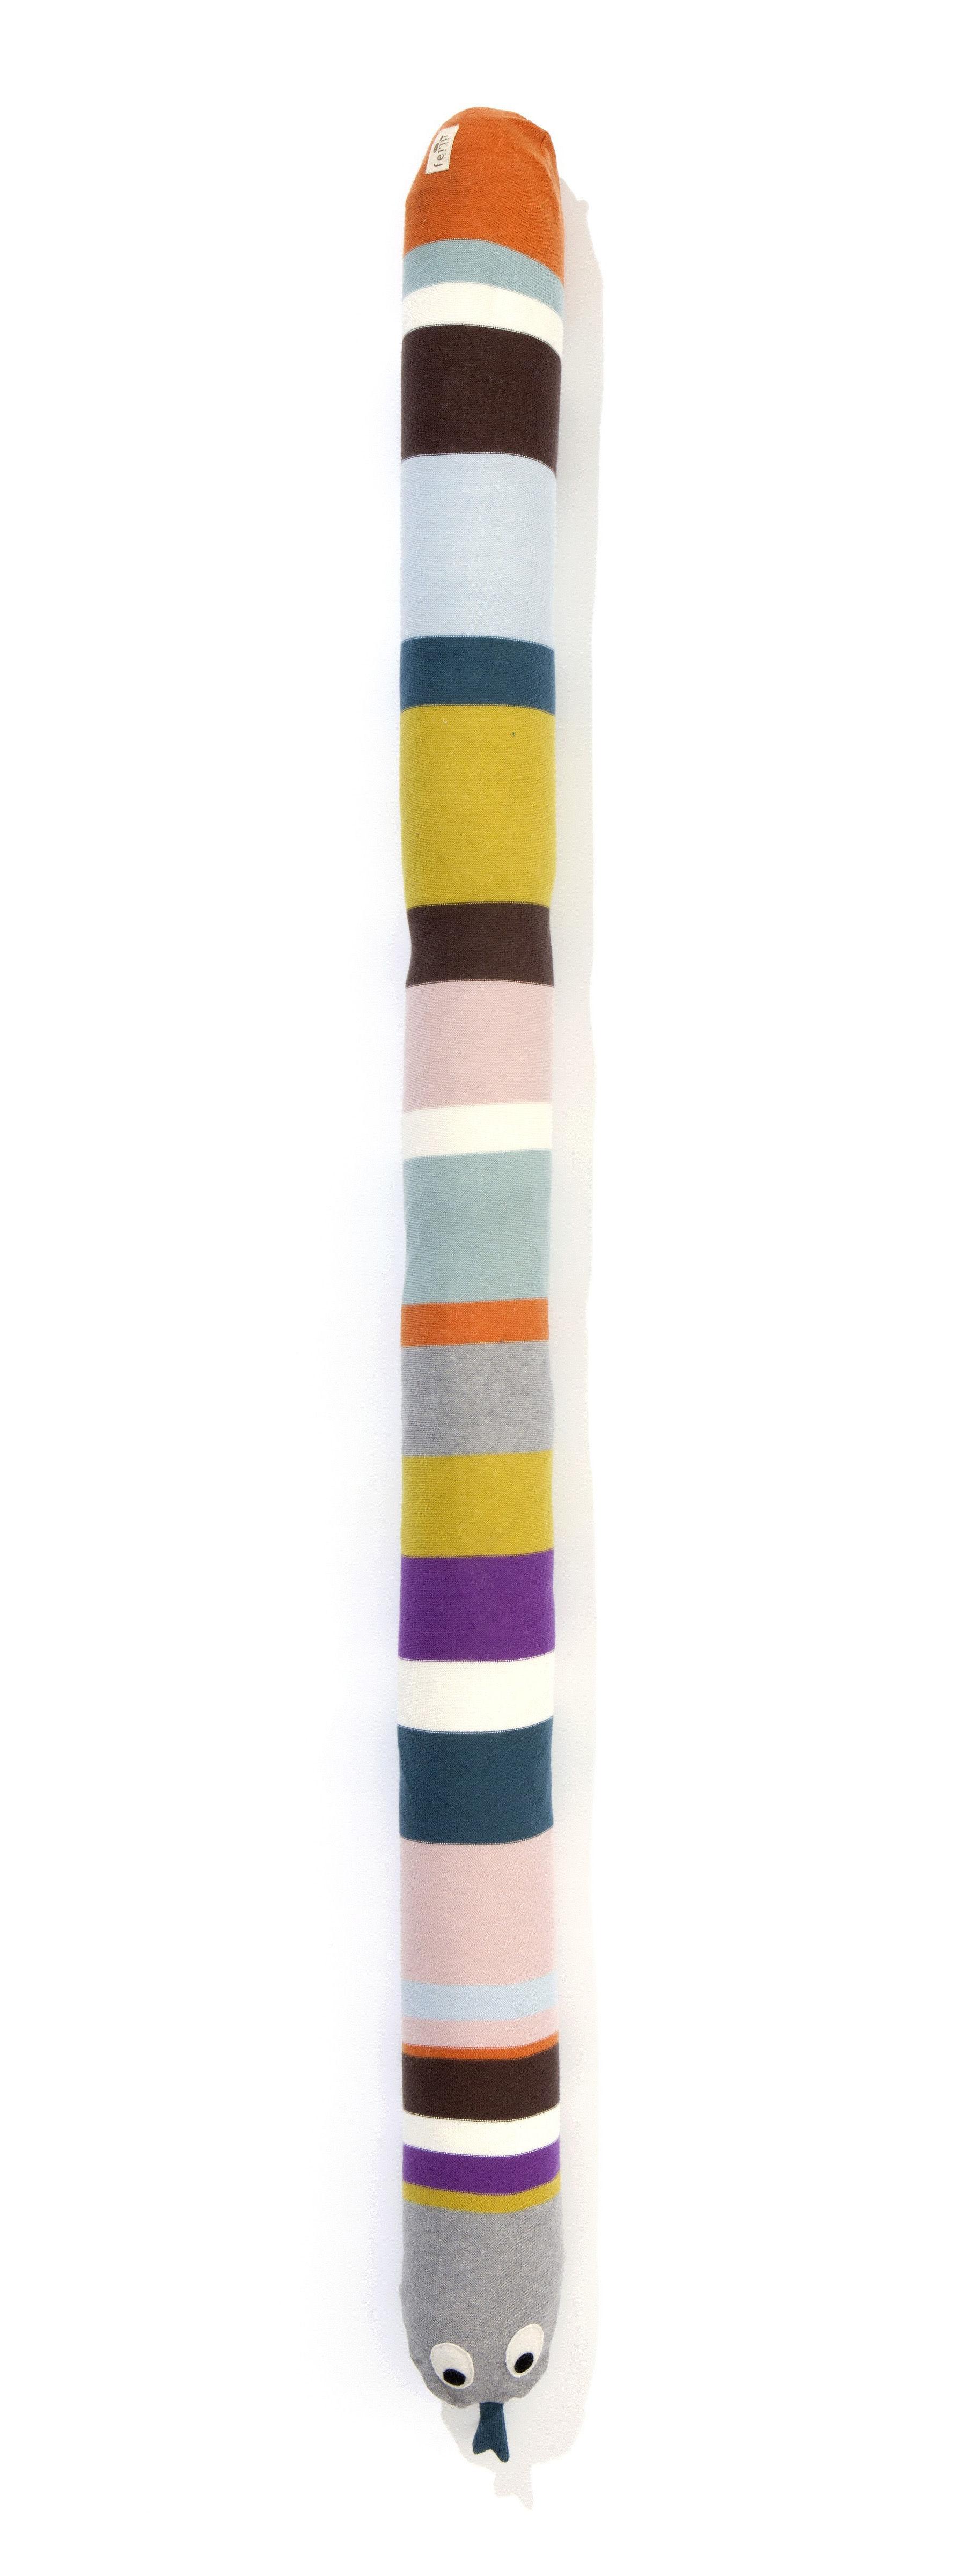 Coussin mr snake tour de lit l 180 cm multicolore - Tour de lit 160 ...